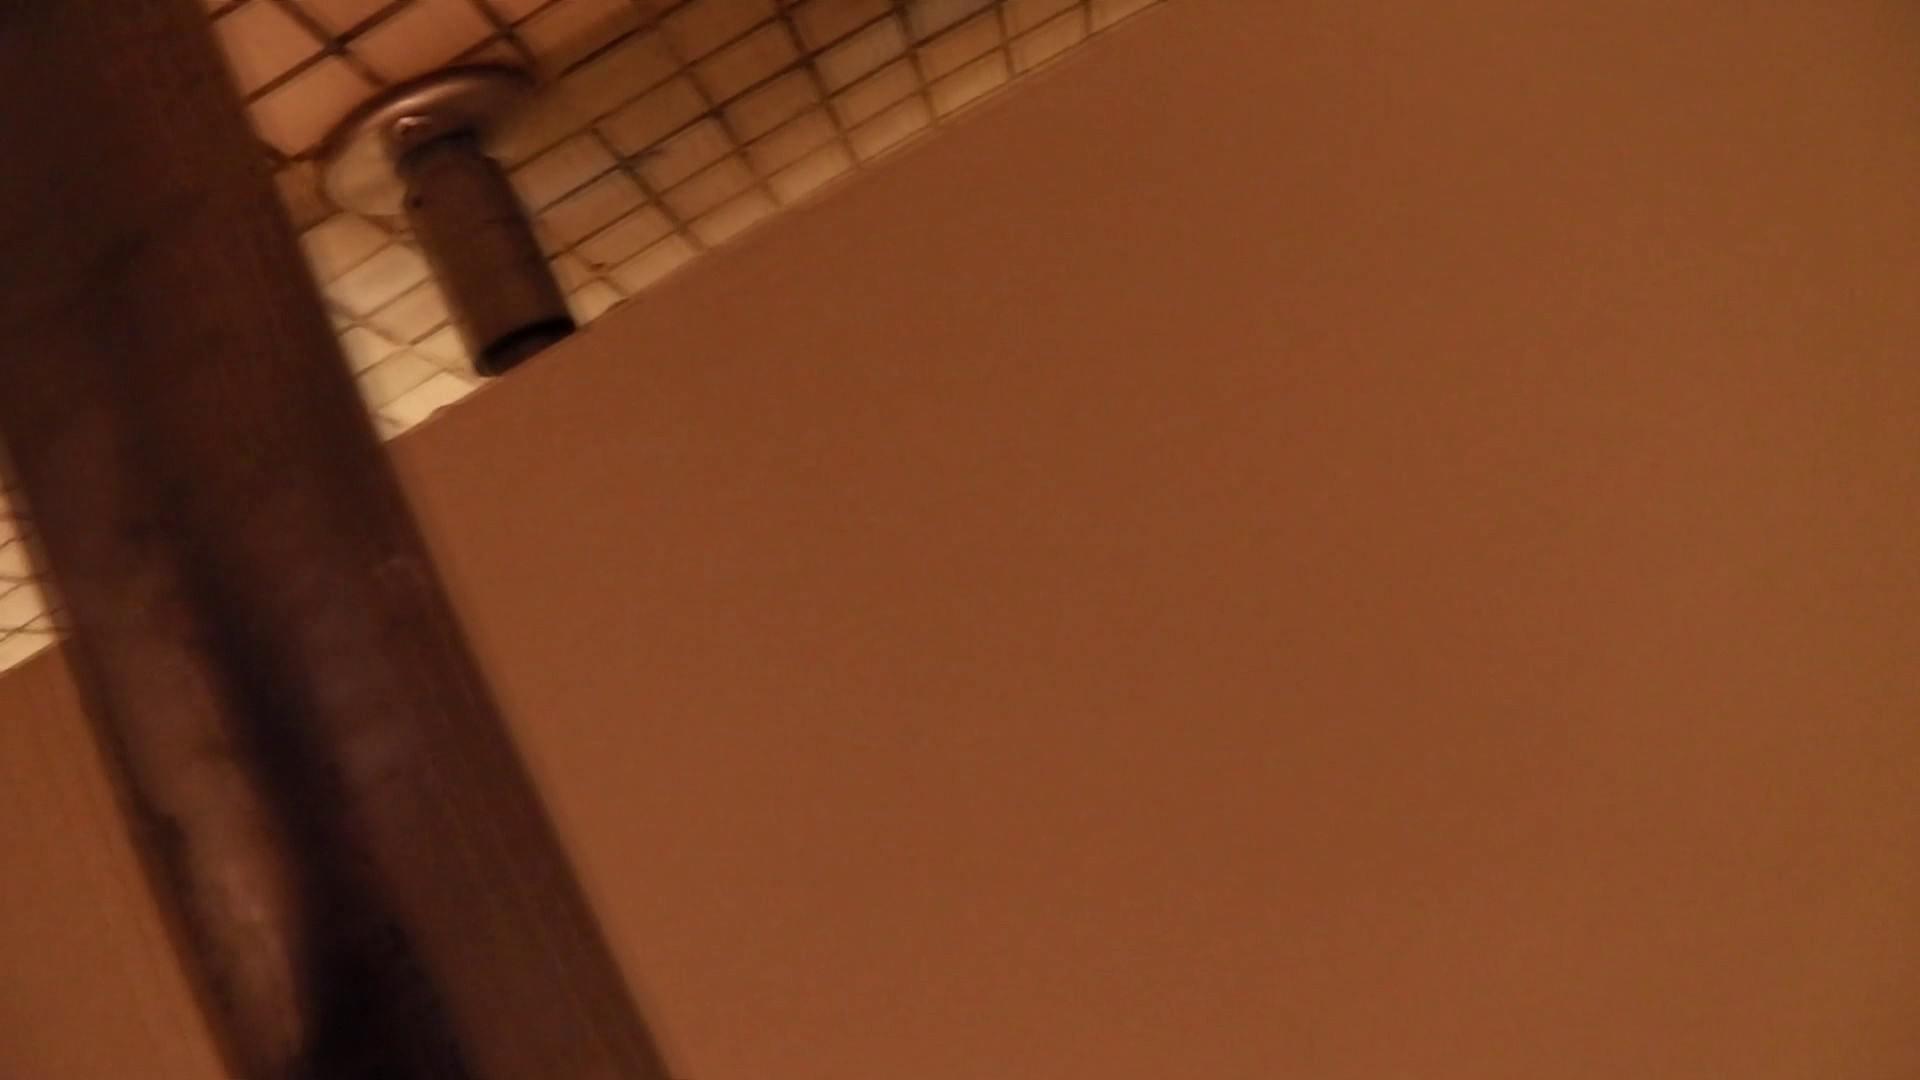 第三体育館潜入撮 File17 大・小・その他色々、ぎっしり詰まった一本 高画質 すけべAV動画紹介 97画像 85